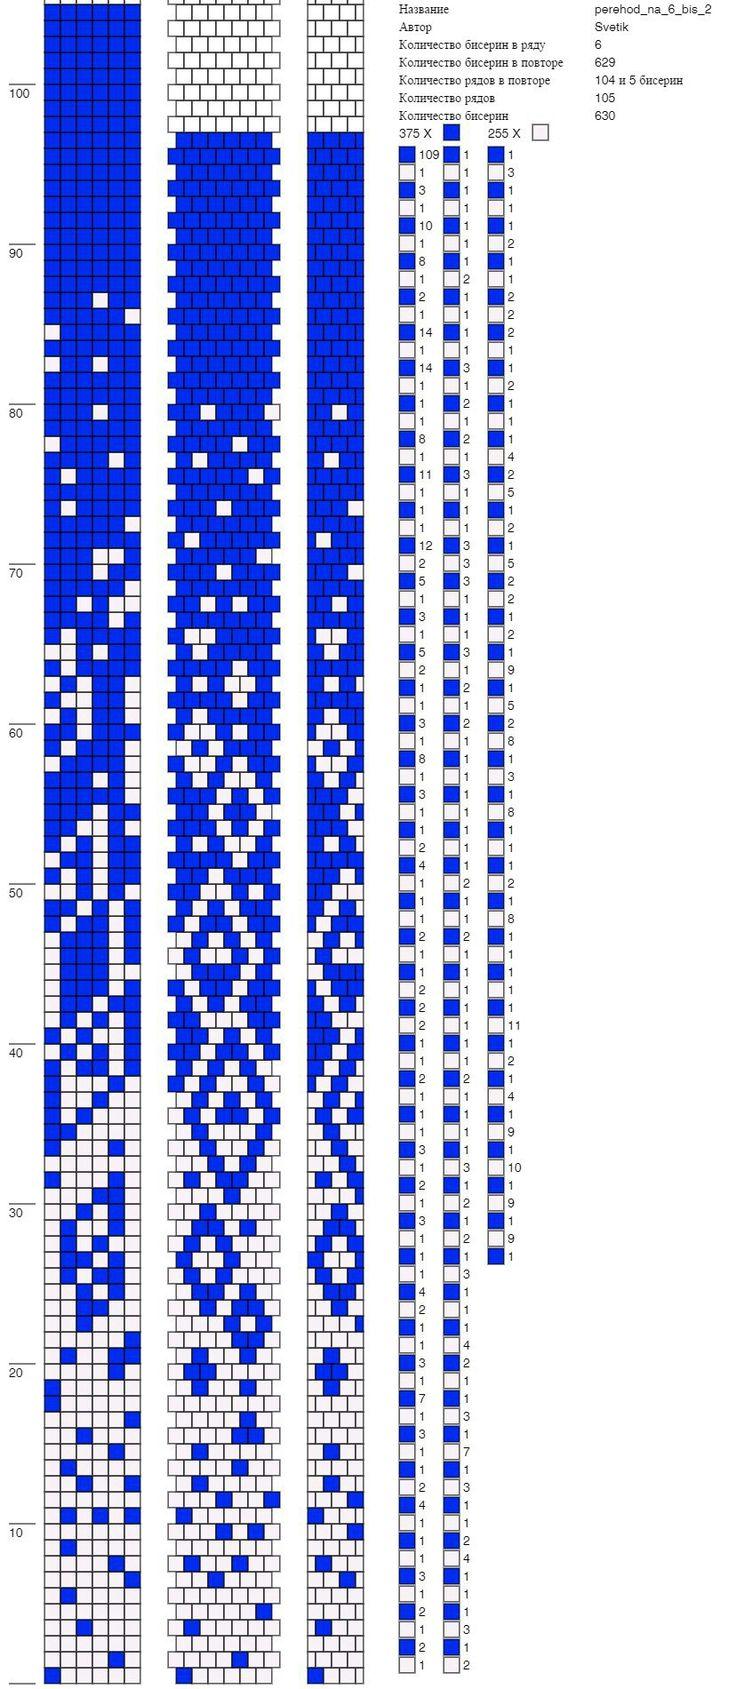 Жгуты из бисера схемы's photos – 4,962 photos | VK